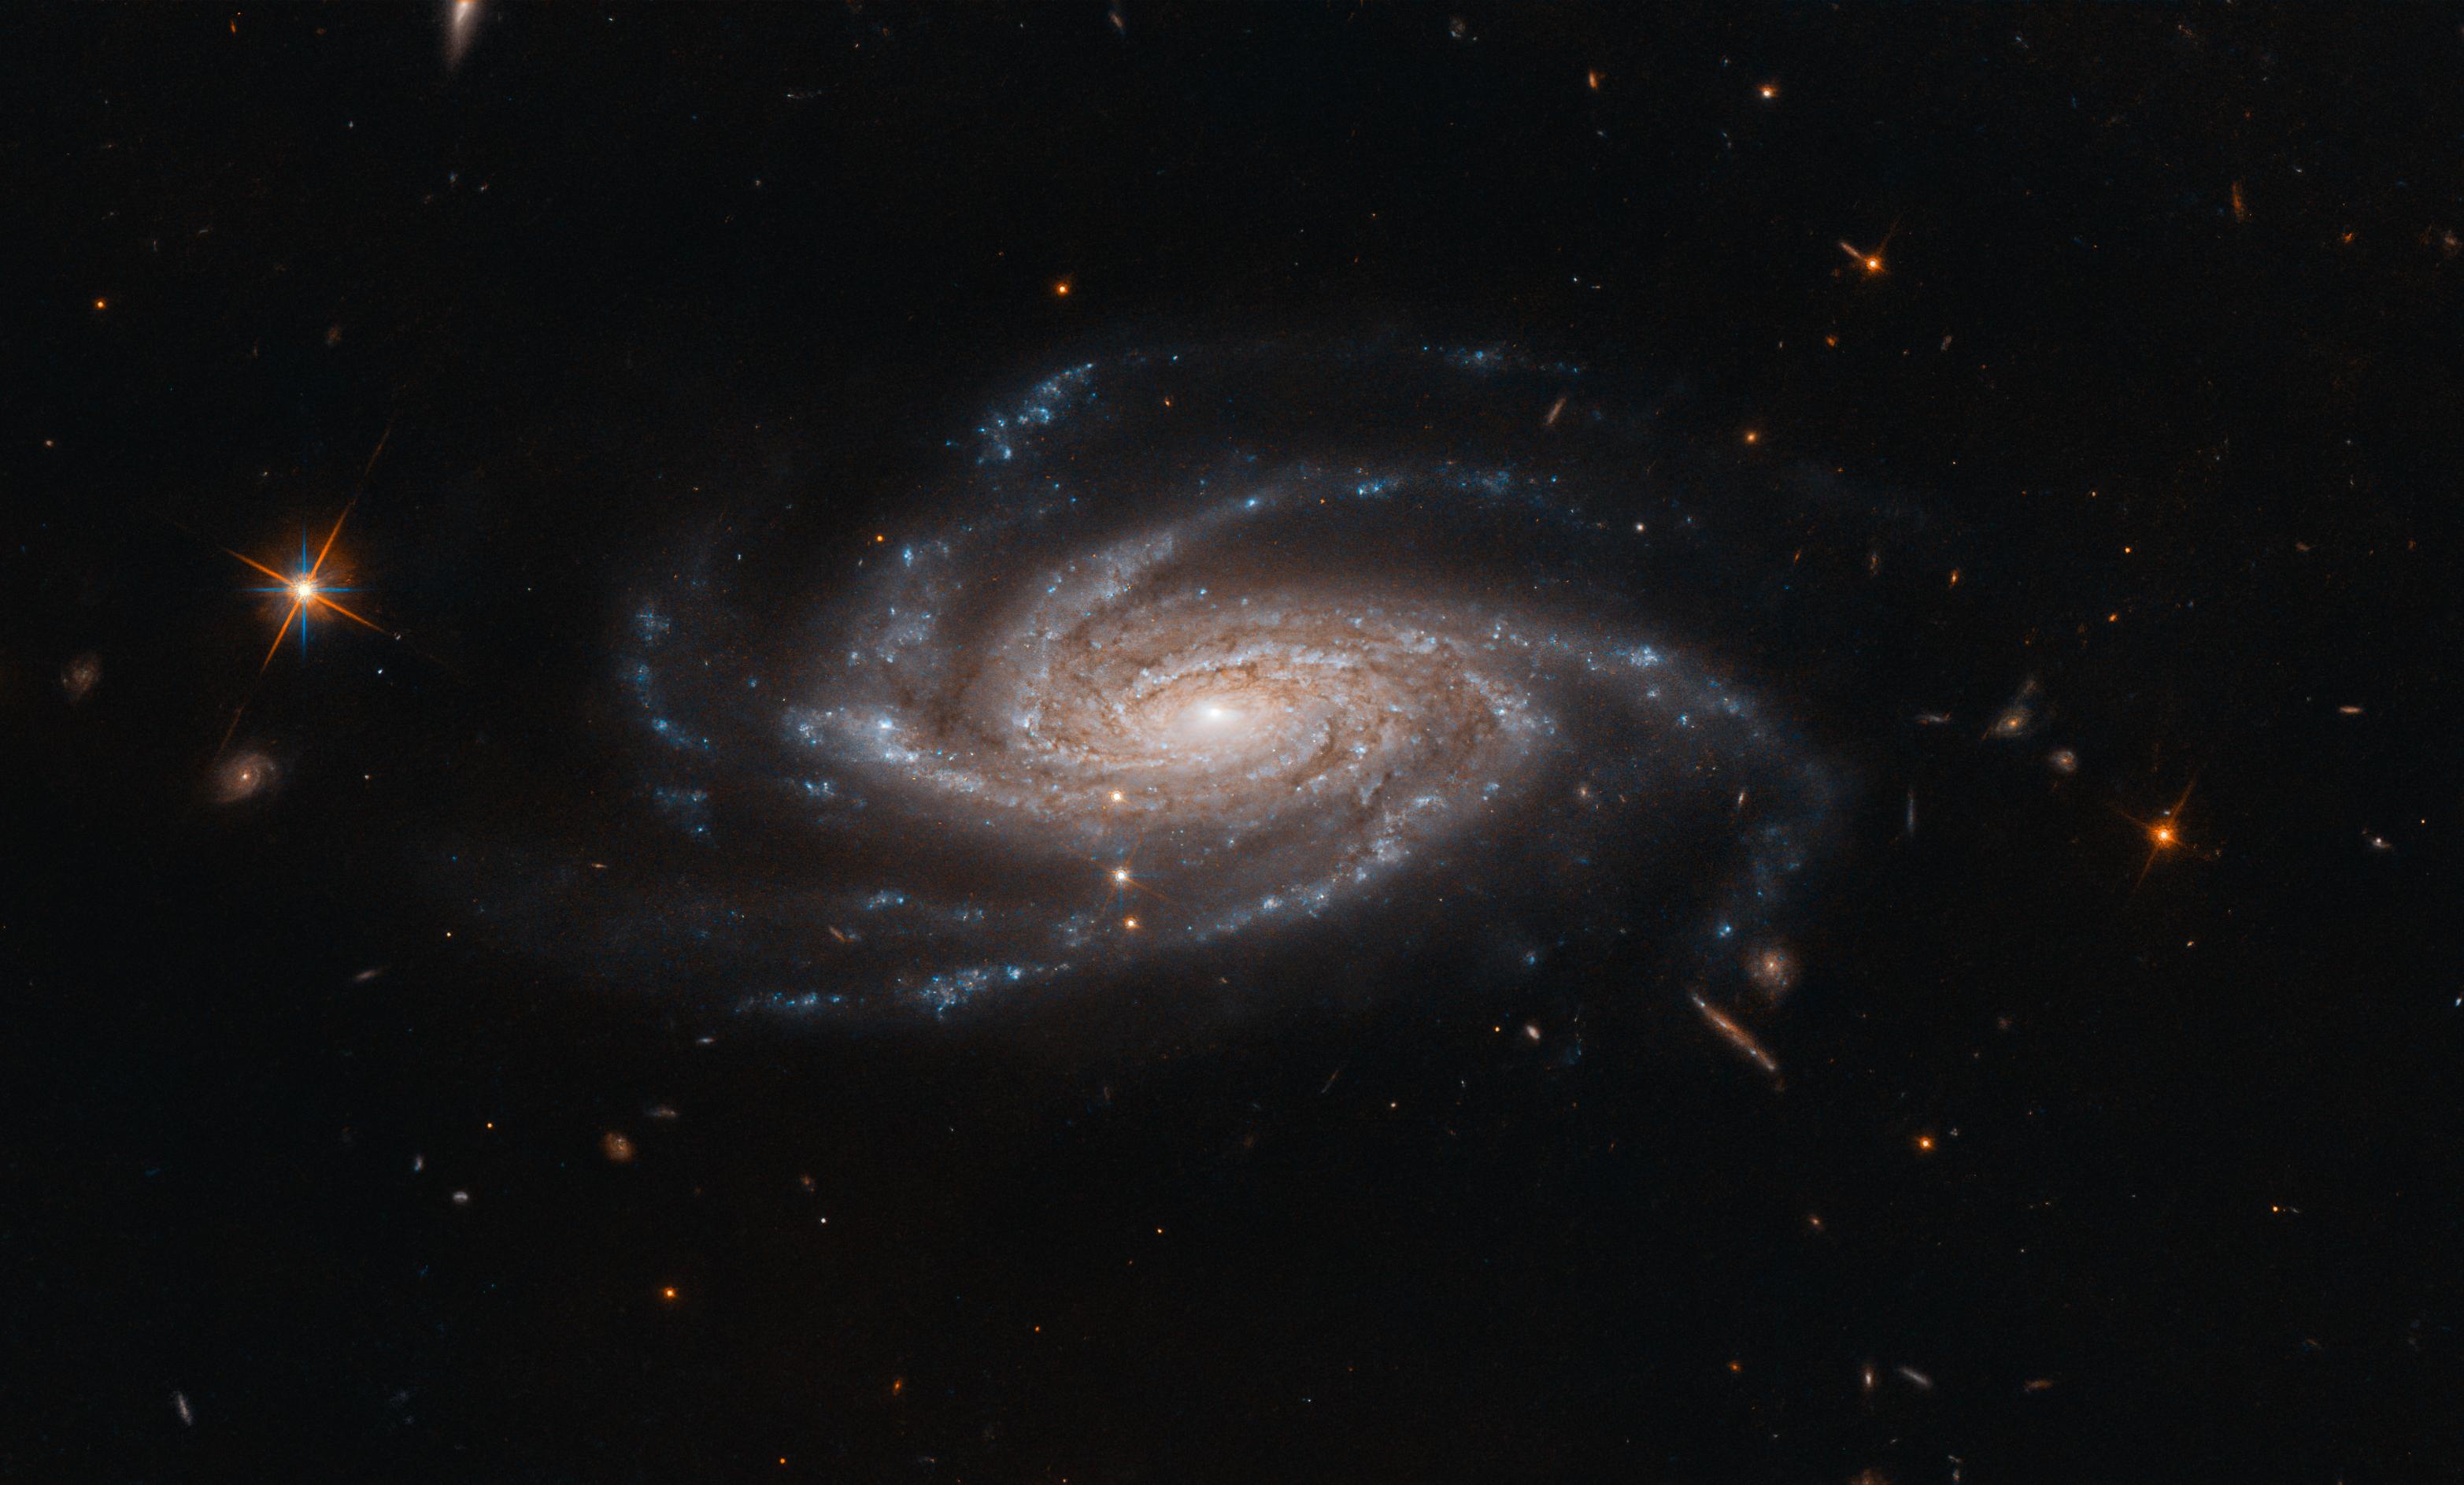 мини-отель исследование галактик картинки квадрат